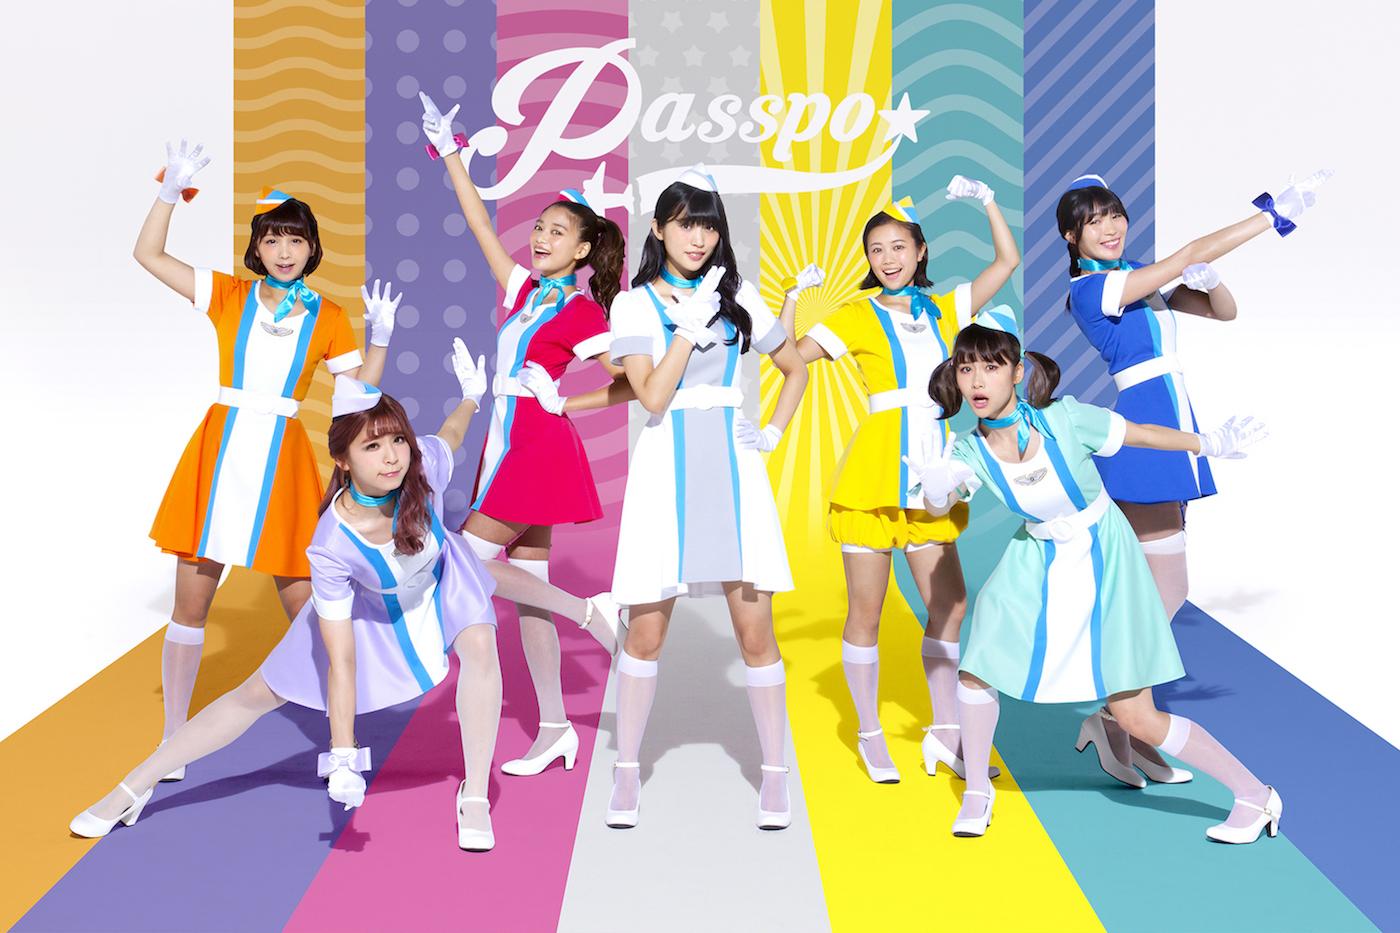 PASSPO☆、アメコミヒロインに扮したMV公開サムネイル画像